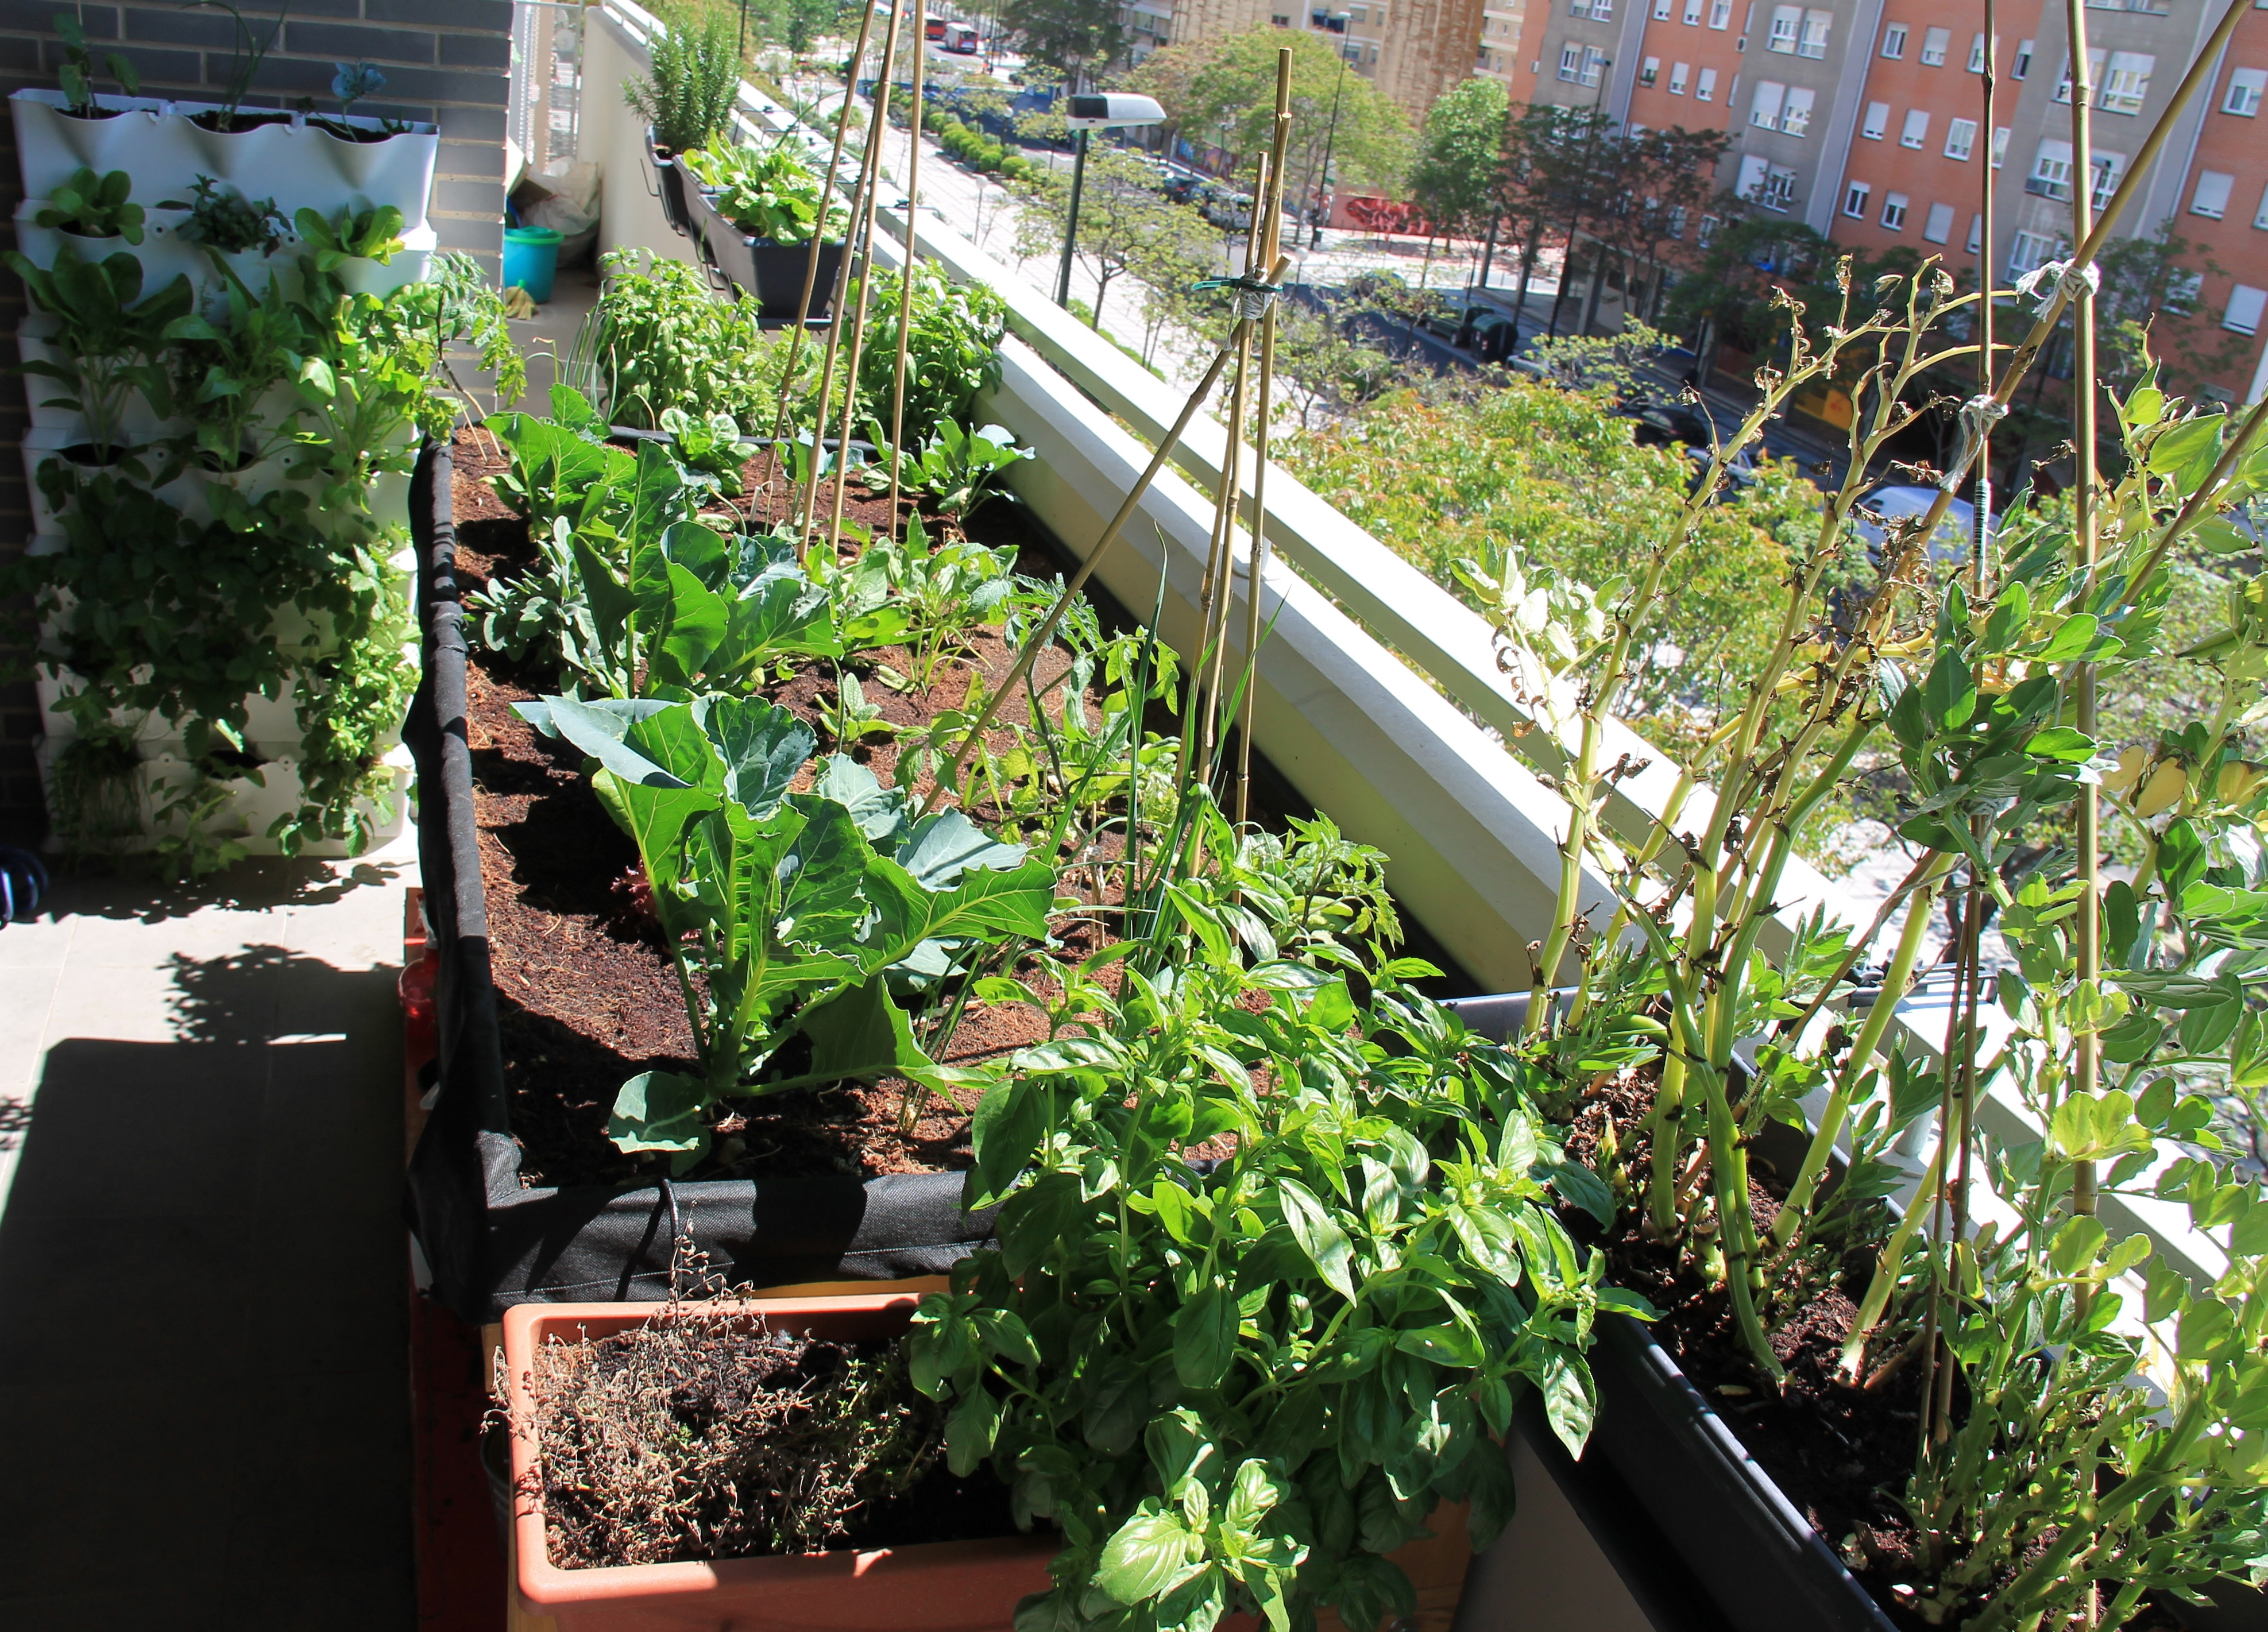 Orto sul balcone cosa piantare orto in balcone for Orto sul balcone